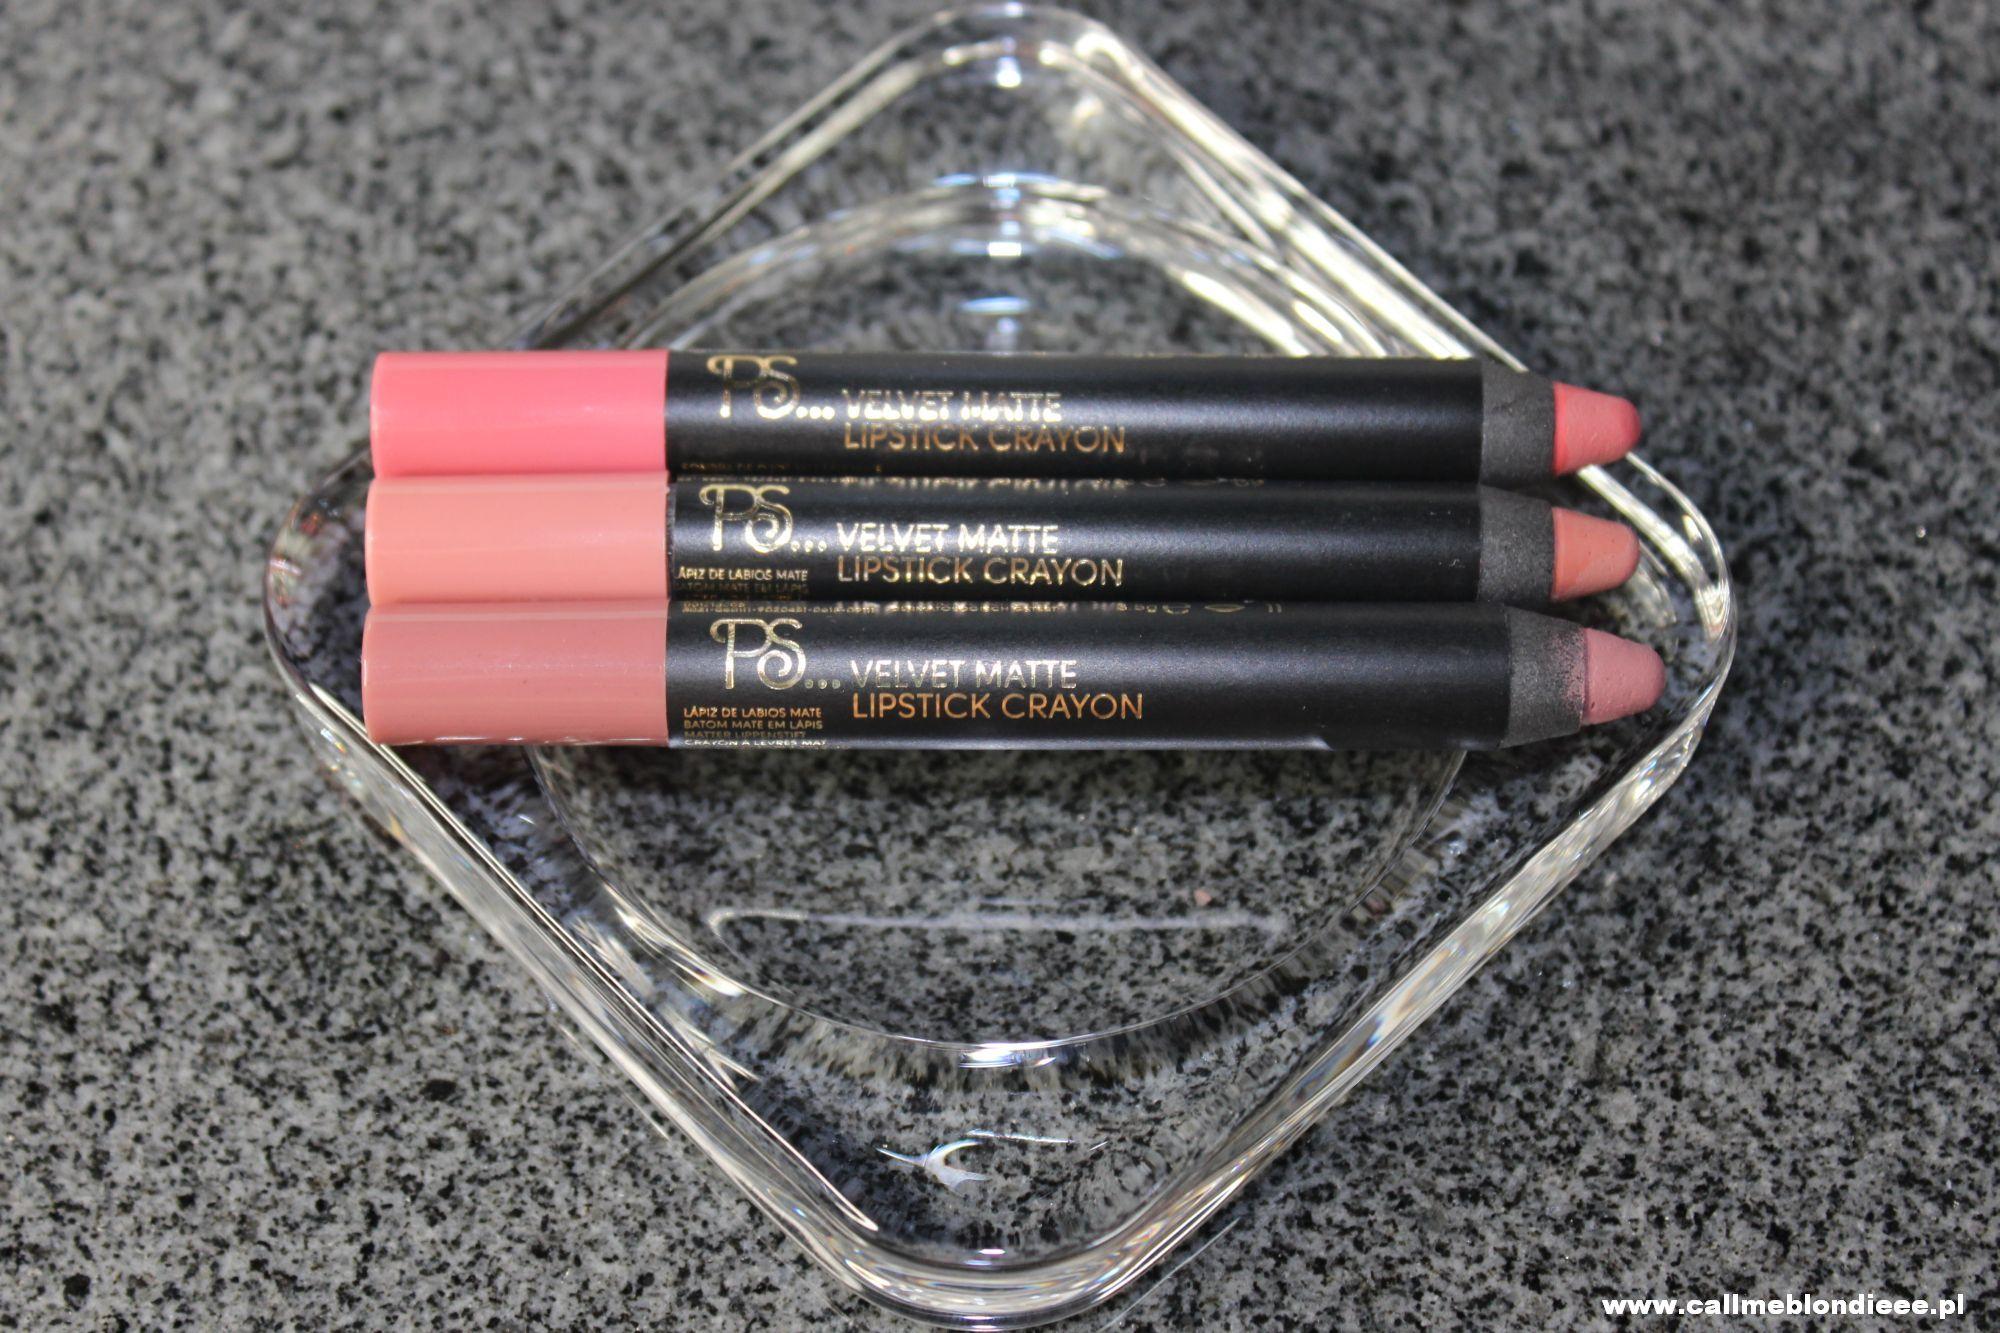 PRIMARK Velvet Matte Lipstick Crayon